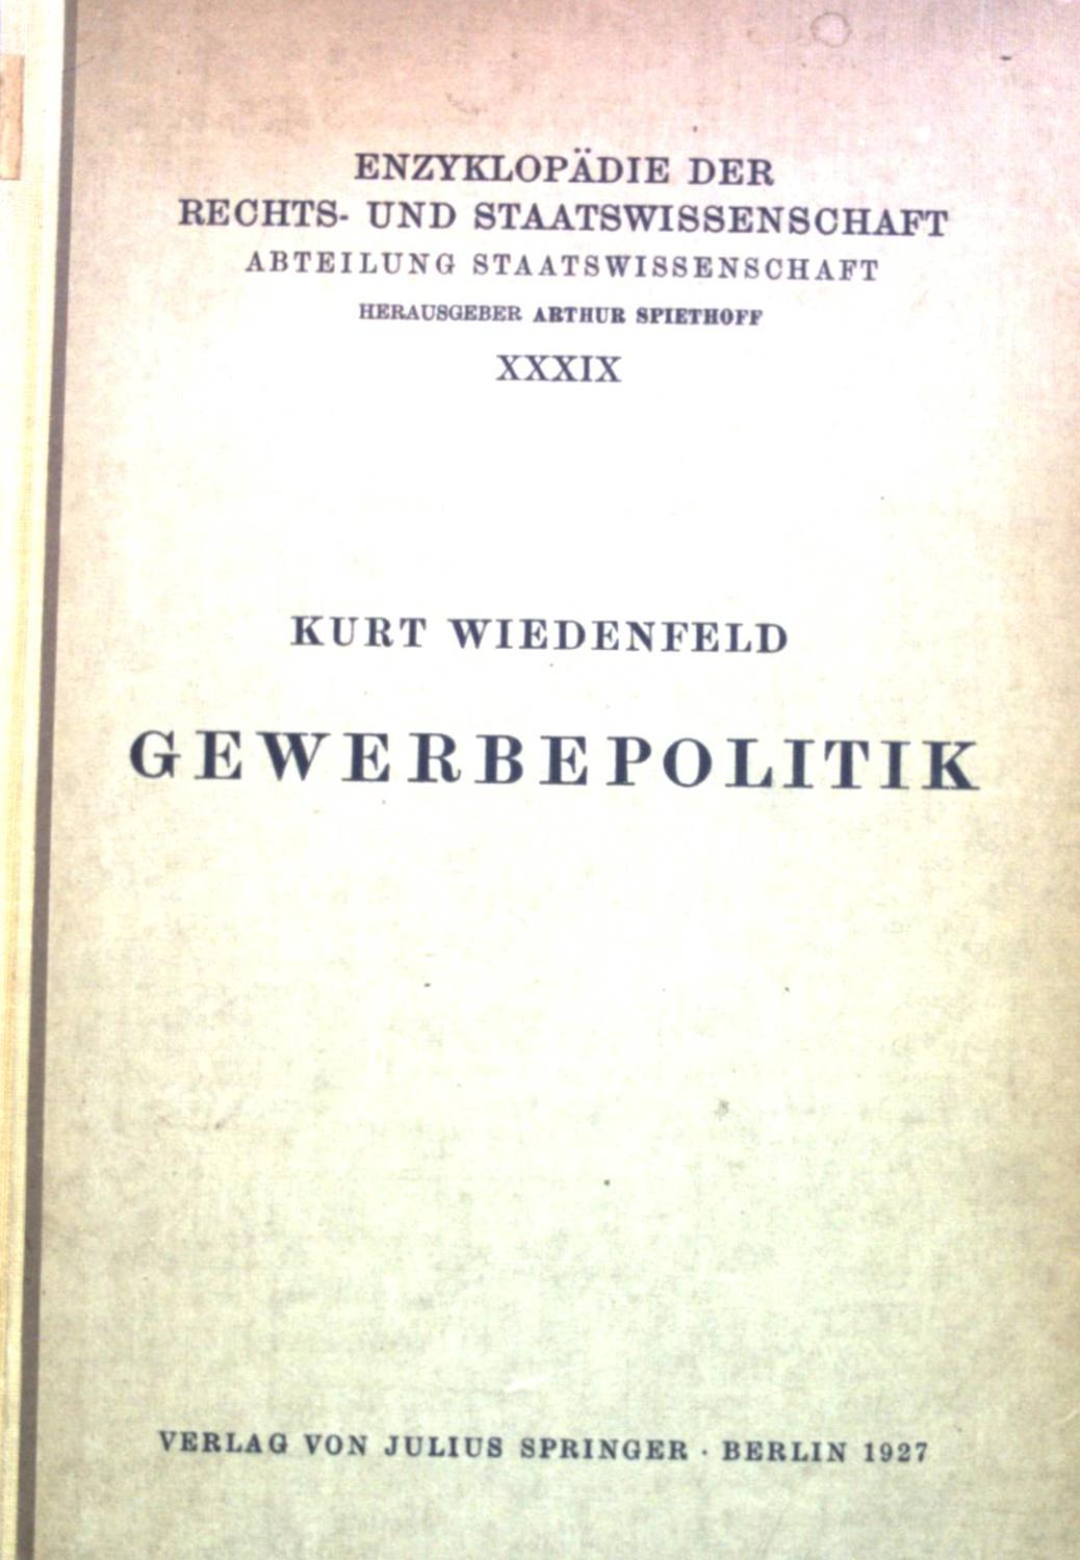 Gewerbepolitik. Enzyklopädie der Rechts- und Staatswissenschaft, Abteilung: Wiedenfeld, Kurt: